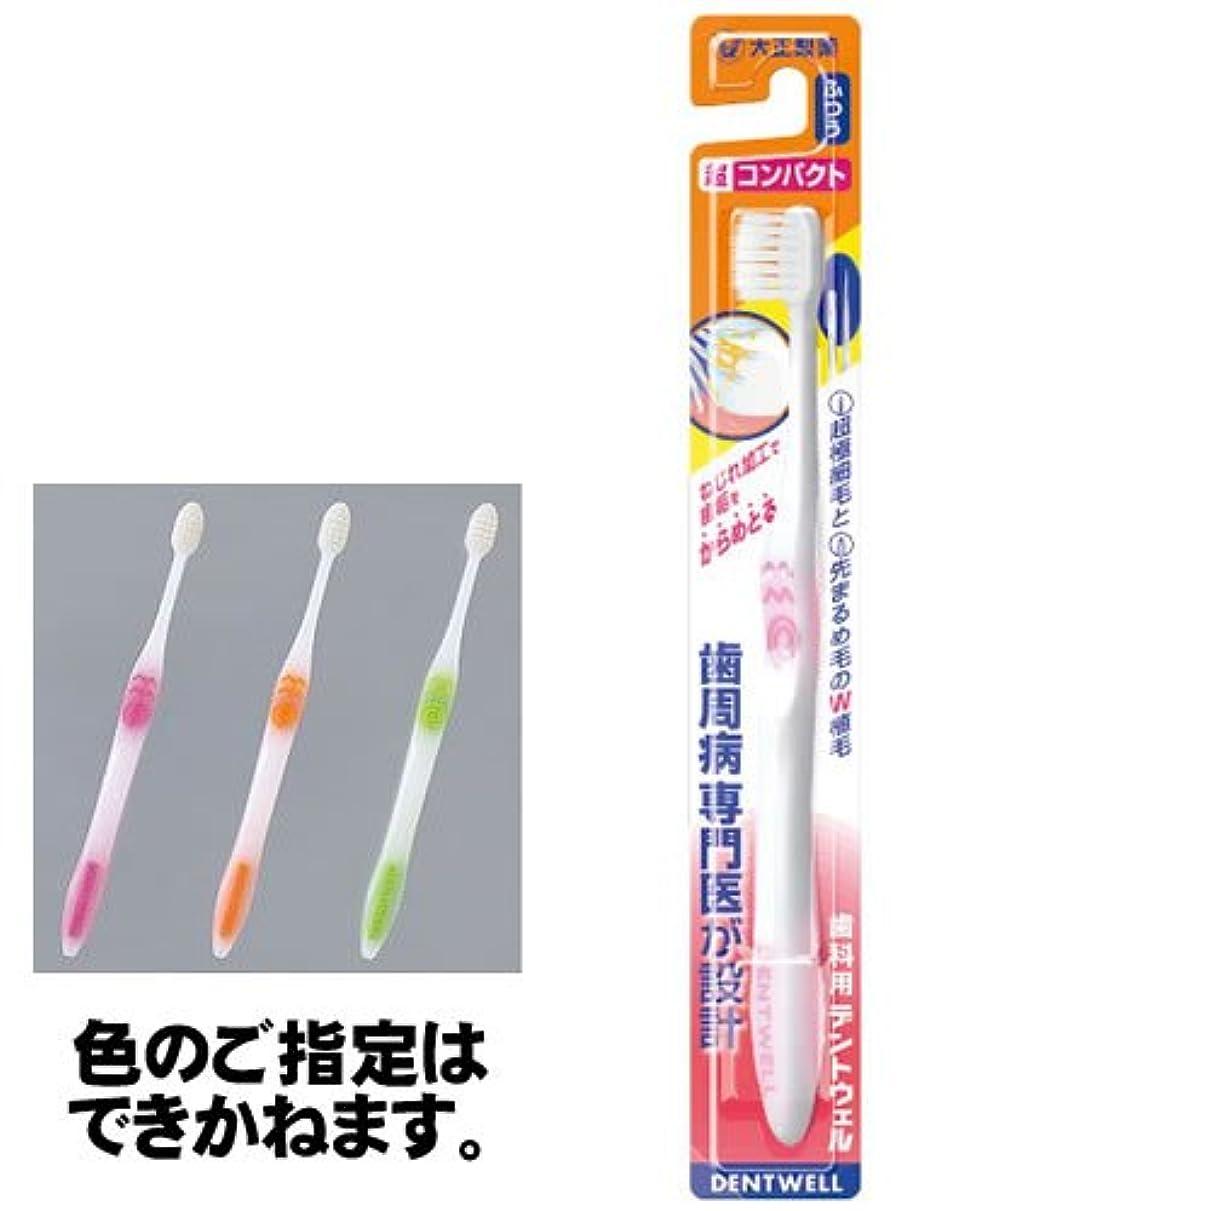 支払う戸棚ストロー〔大正製薬〕歯科用デントウェル 歯ブラシ 超コンパクト ふつう×12本セット